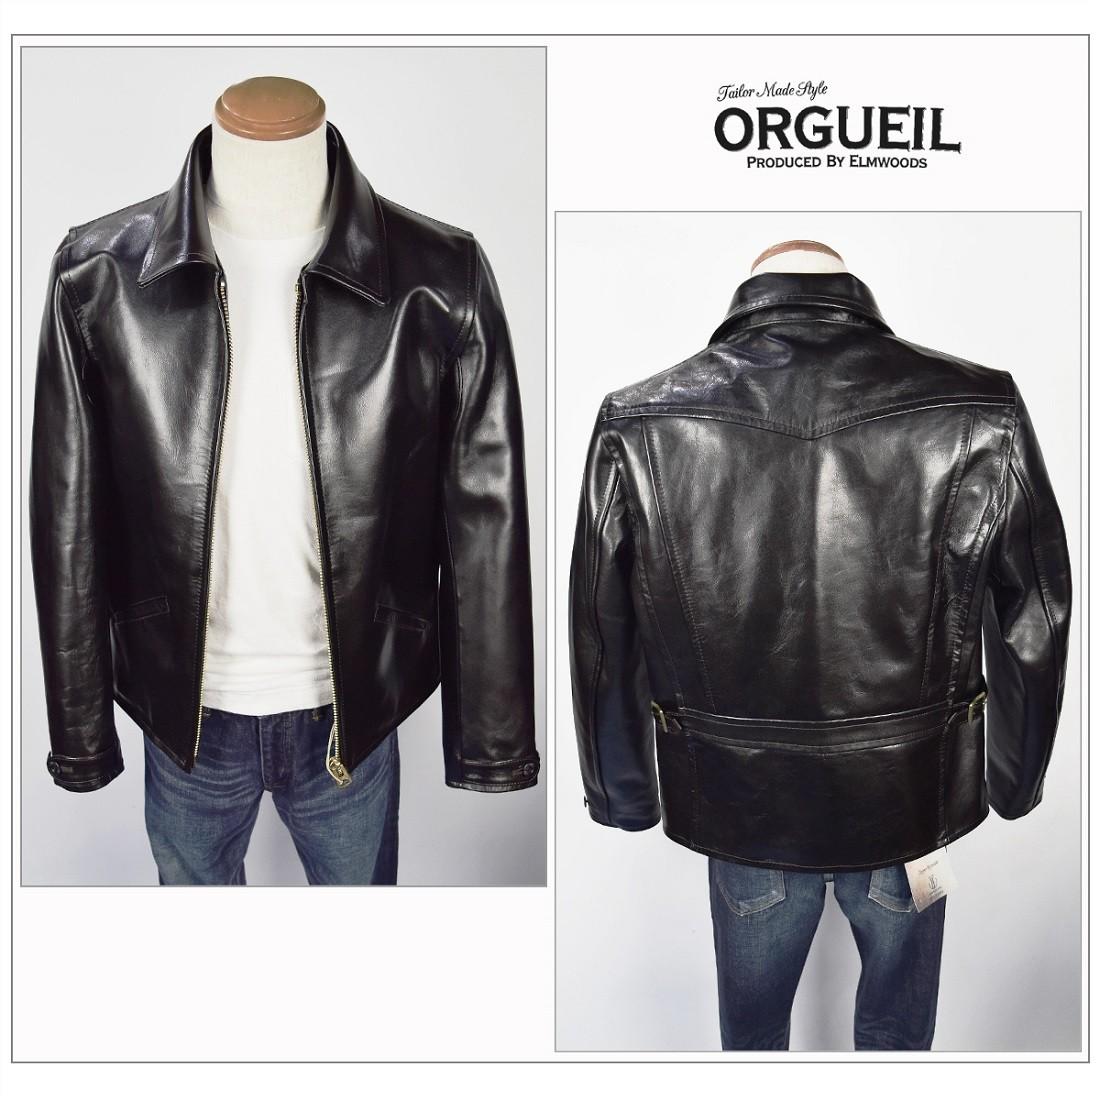 OR-4081 オルゲイユ ORGUEIL ライダース ジャケット 2